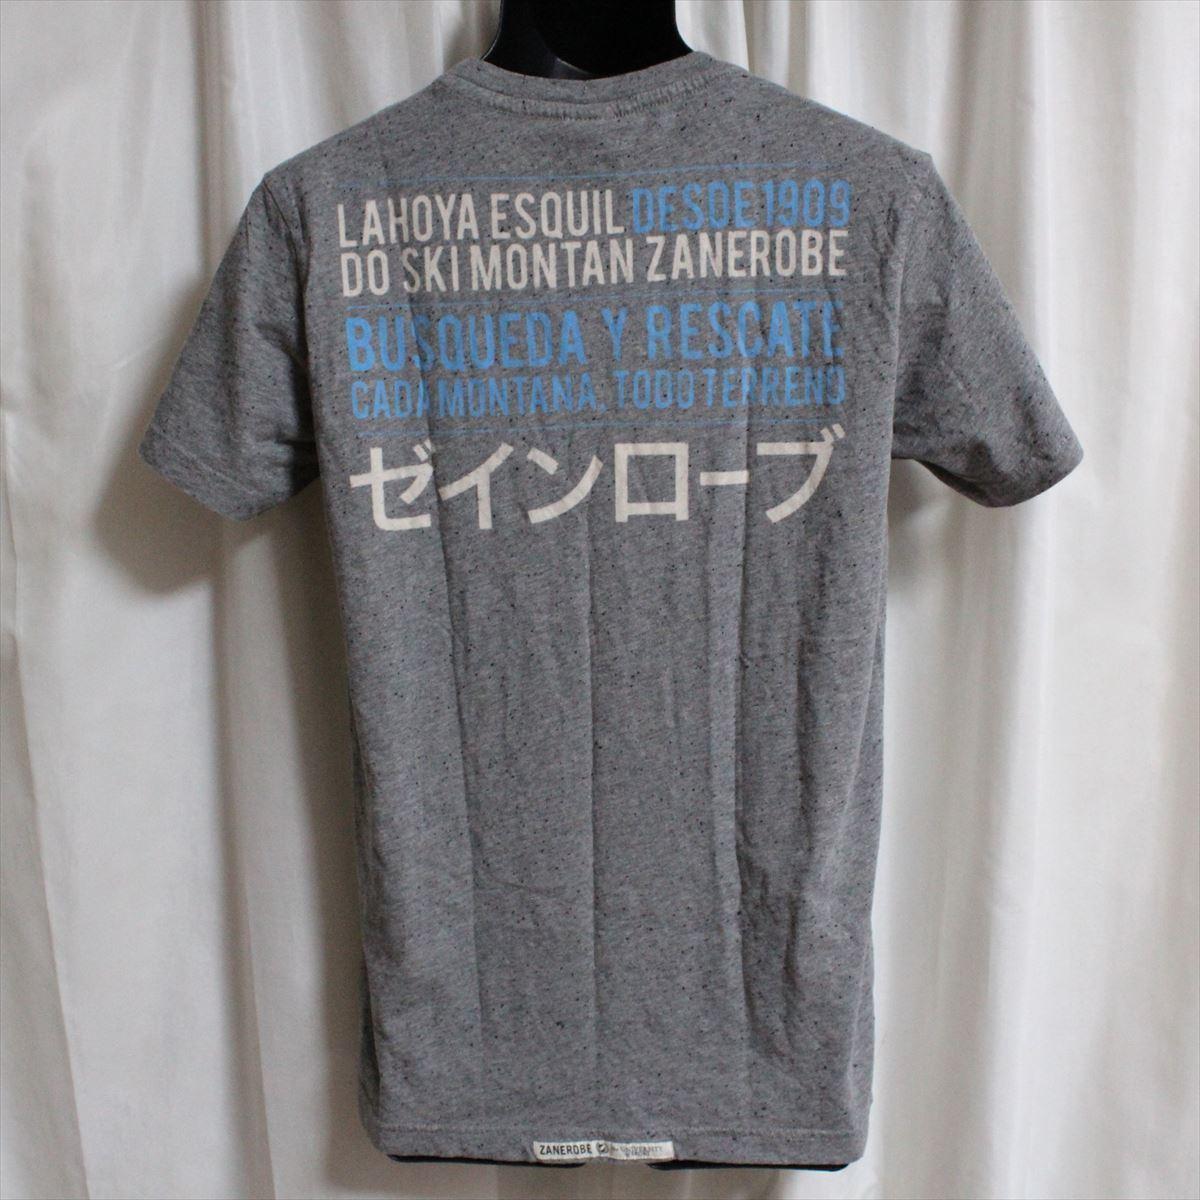 ゼインローブ ZANEROBE メンズ半袖Tシャツ グレー Sサイズ 新品 ESQUIL_画像3